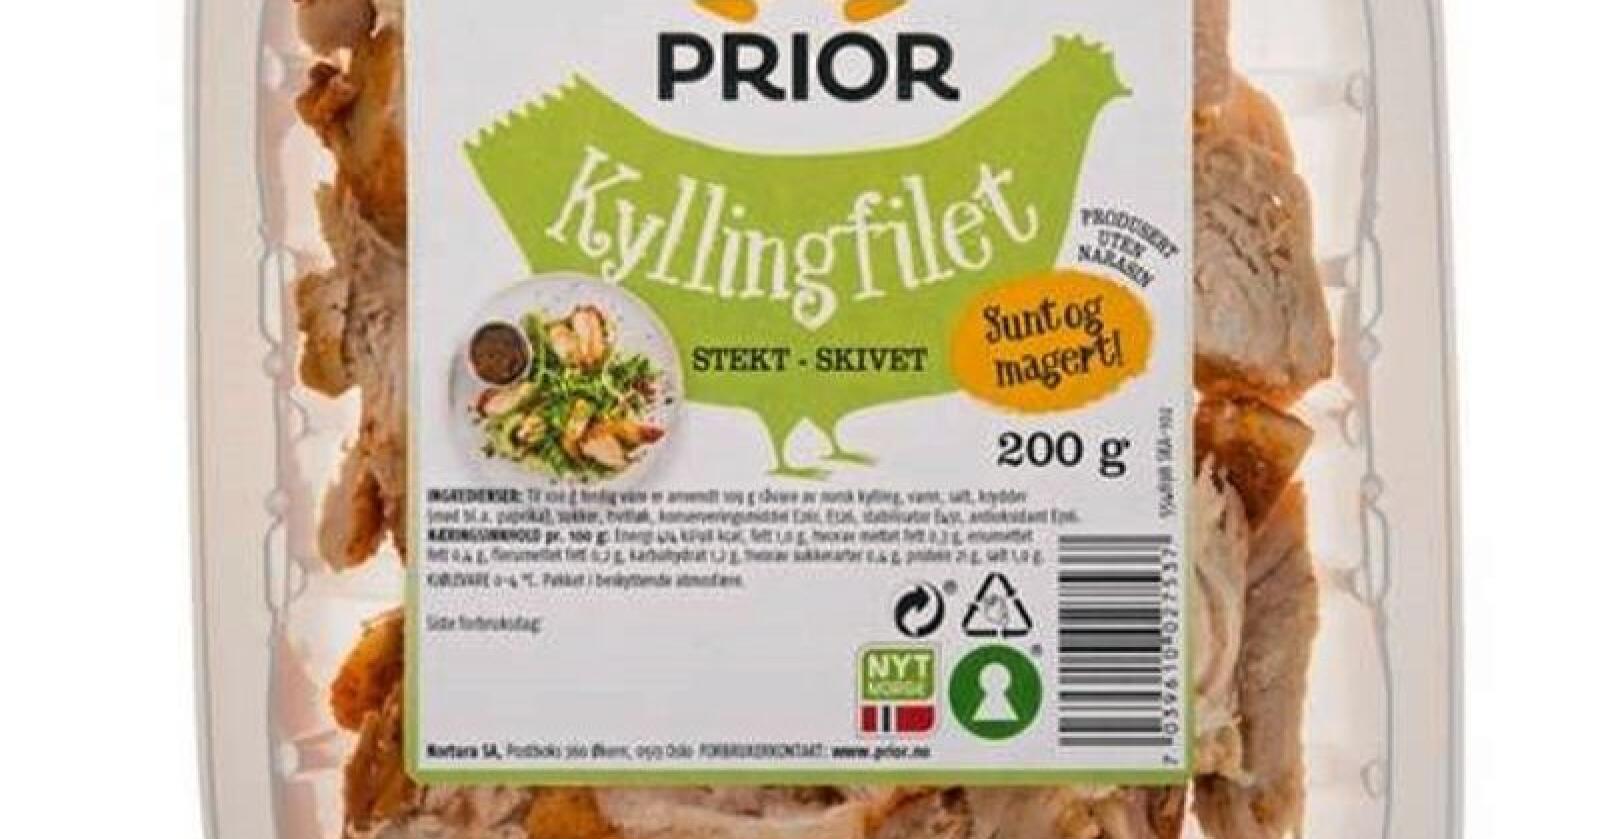 Tilbakekaller kyllingfillet på grunn av feil datomerking. Produktbilde: Nortura